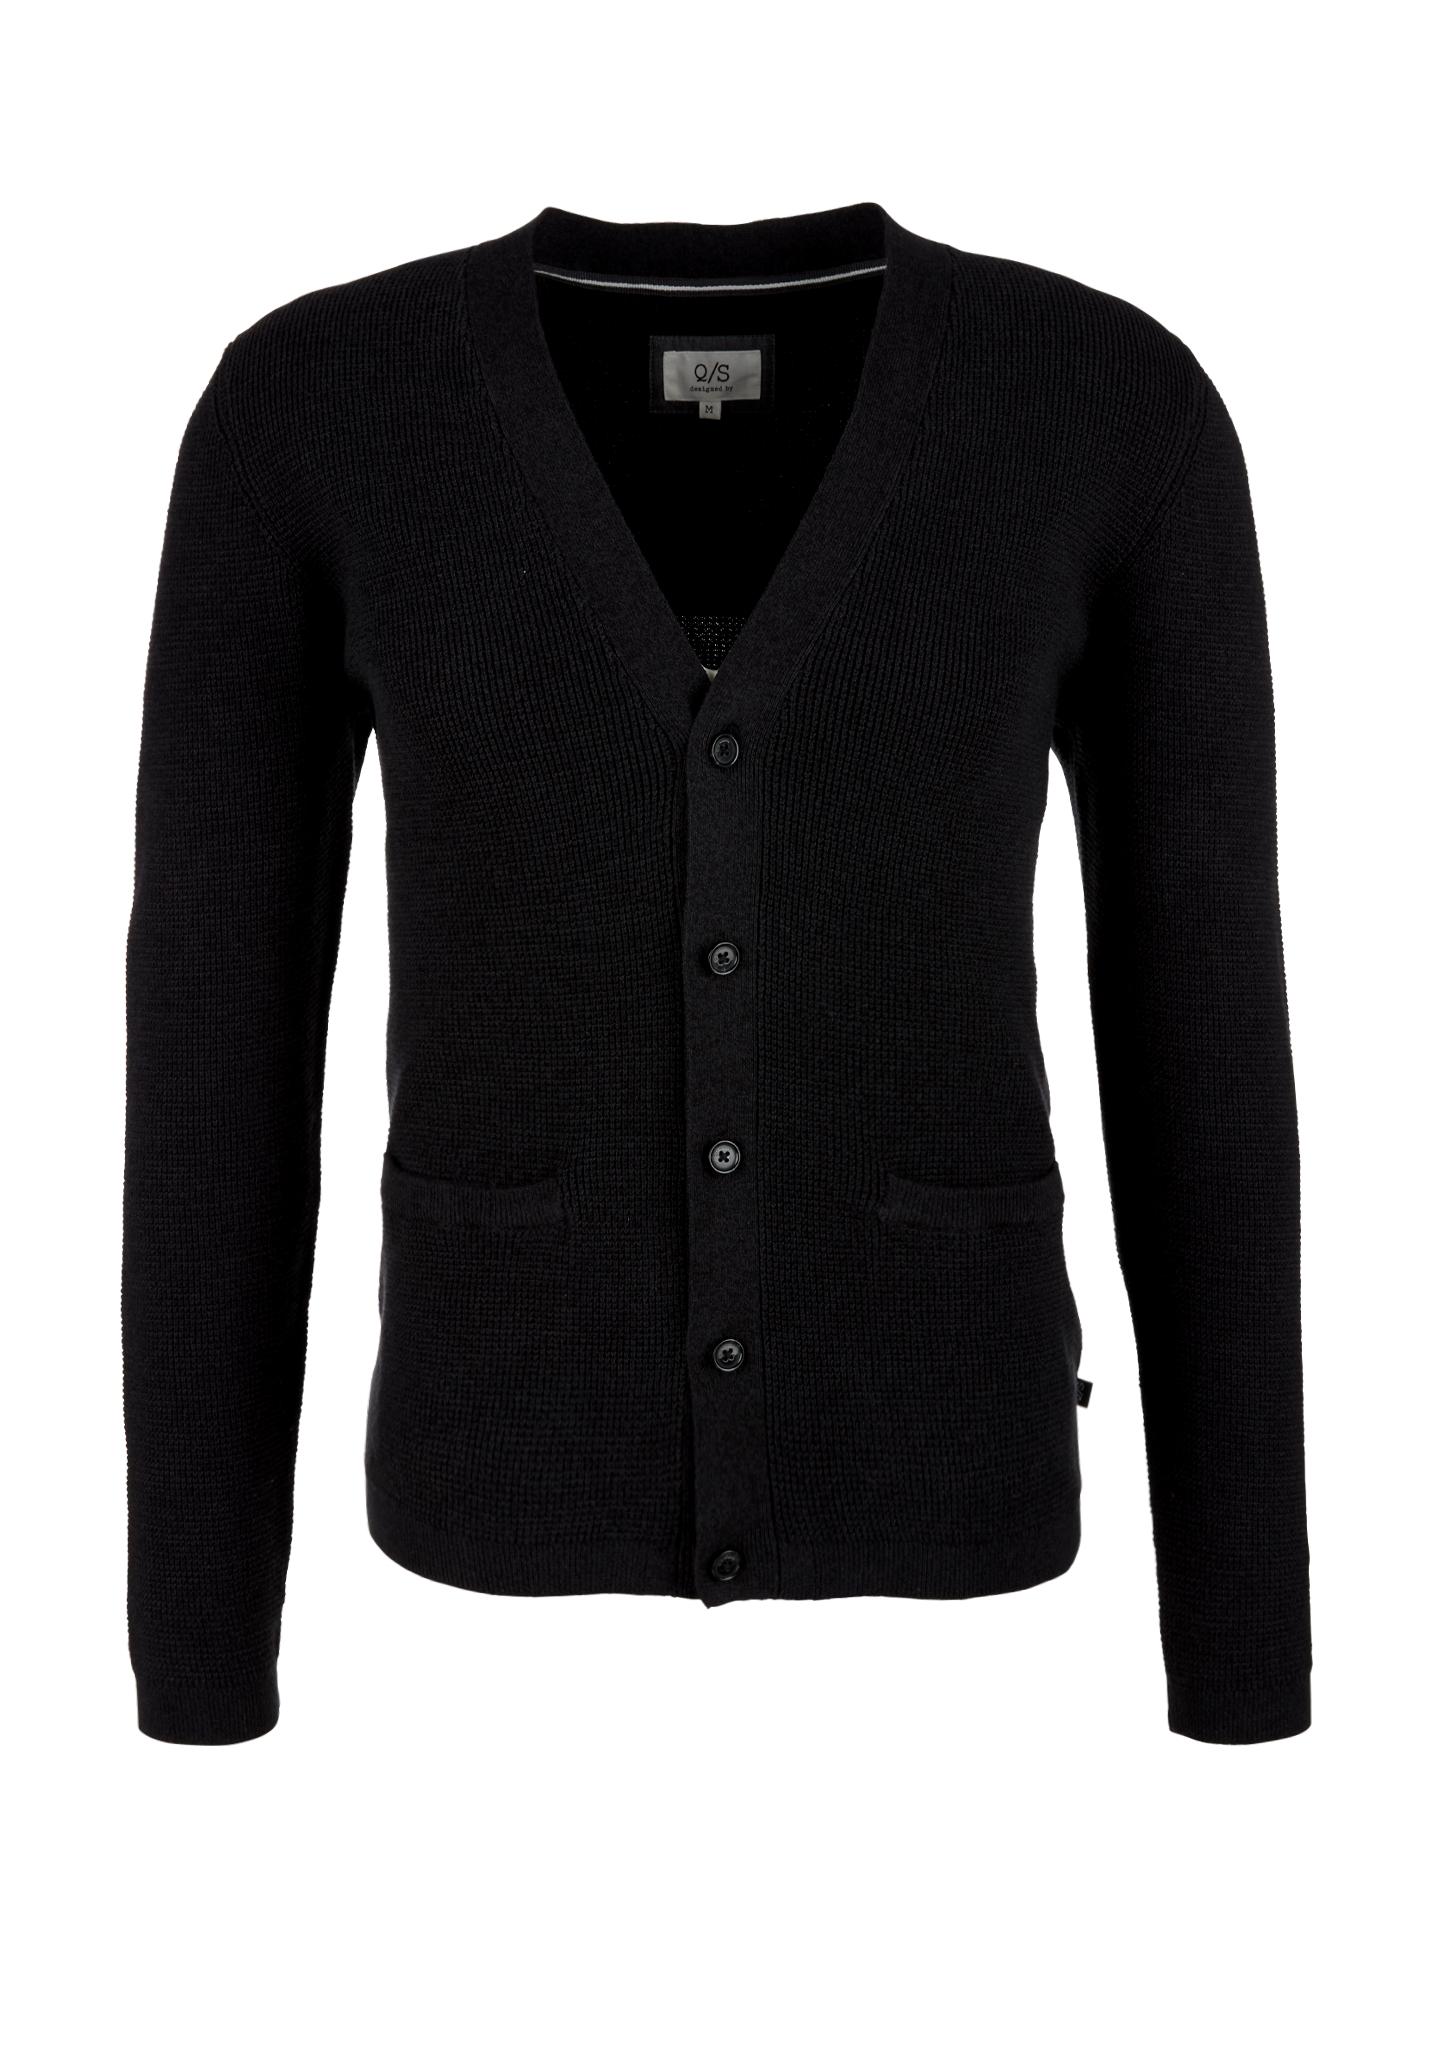 Strickcardigan | Bekleidung > Strickjacken & Cardigans | Schwarz | 100% baumwolle | Q/S designed by